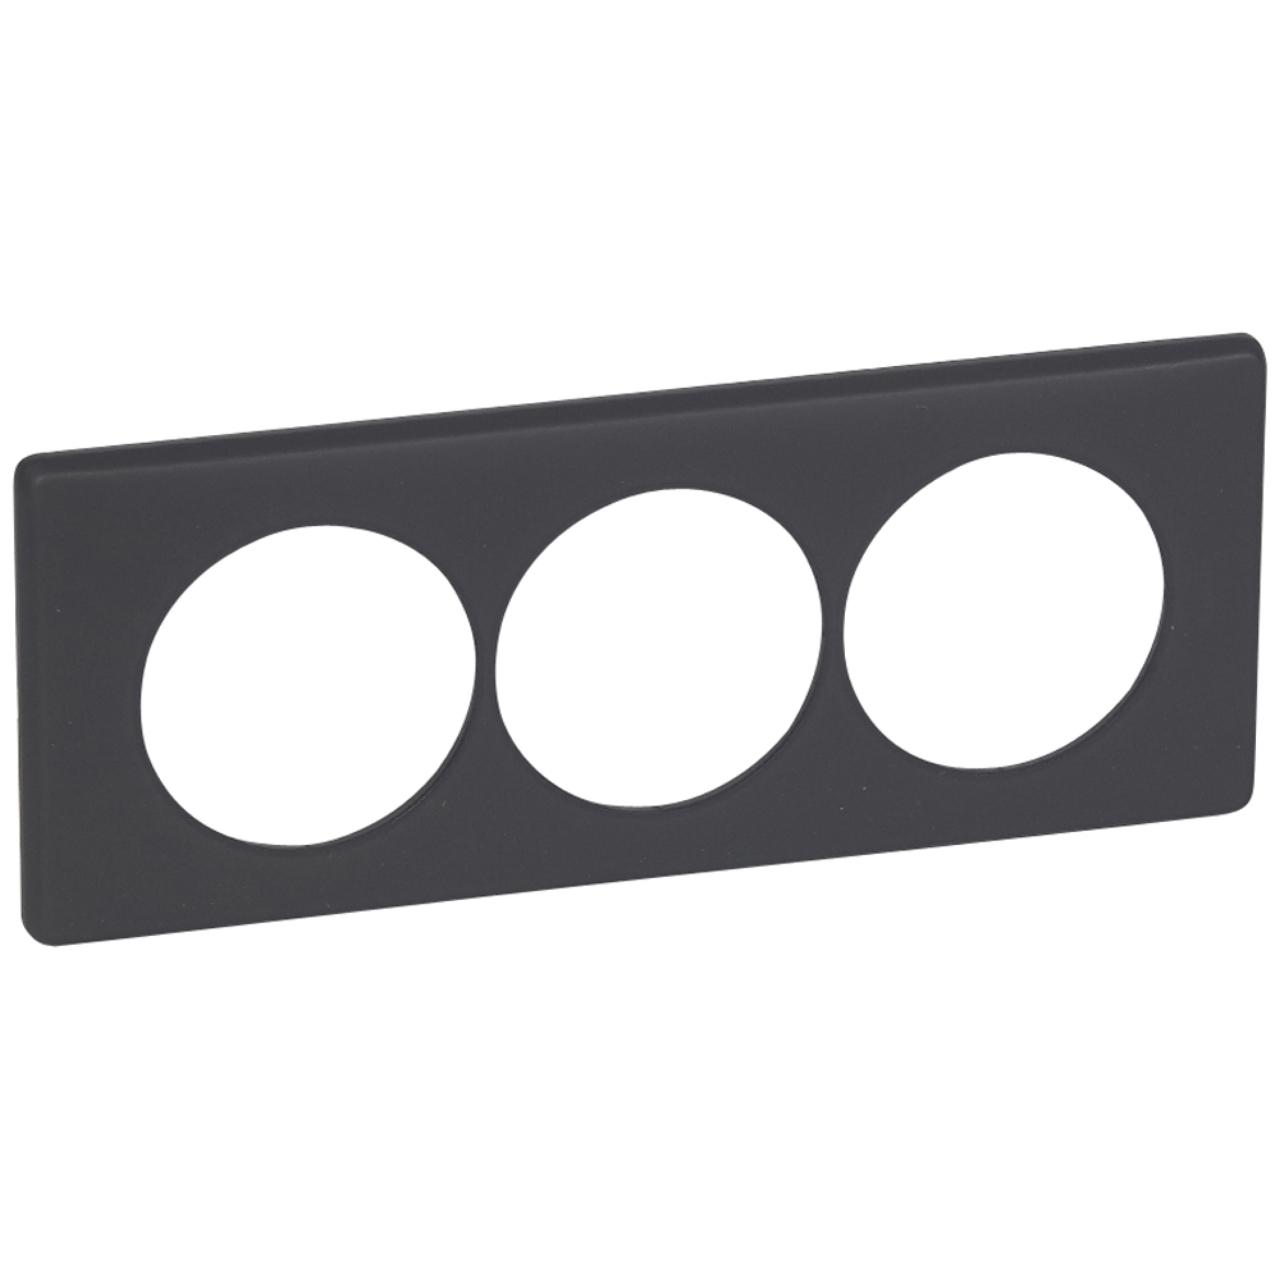 plaque legrand c liane 3 postes basalte pour la r novation. Black Bedroom Furniture Sets. Home Design Ideas